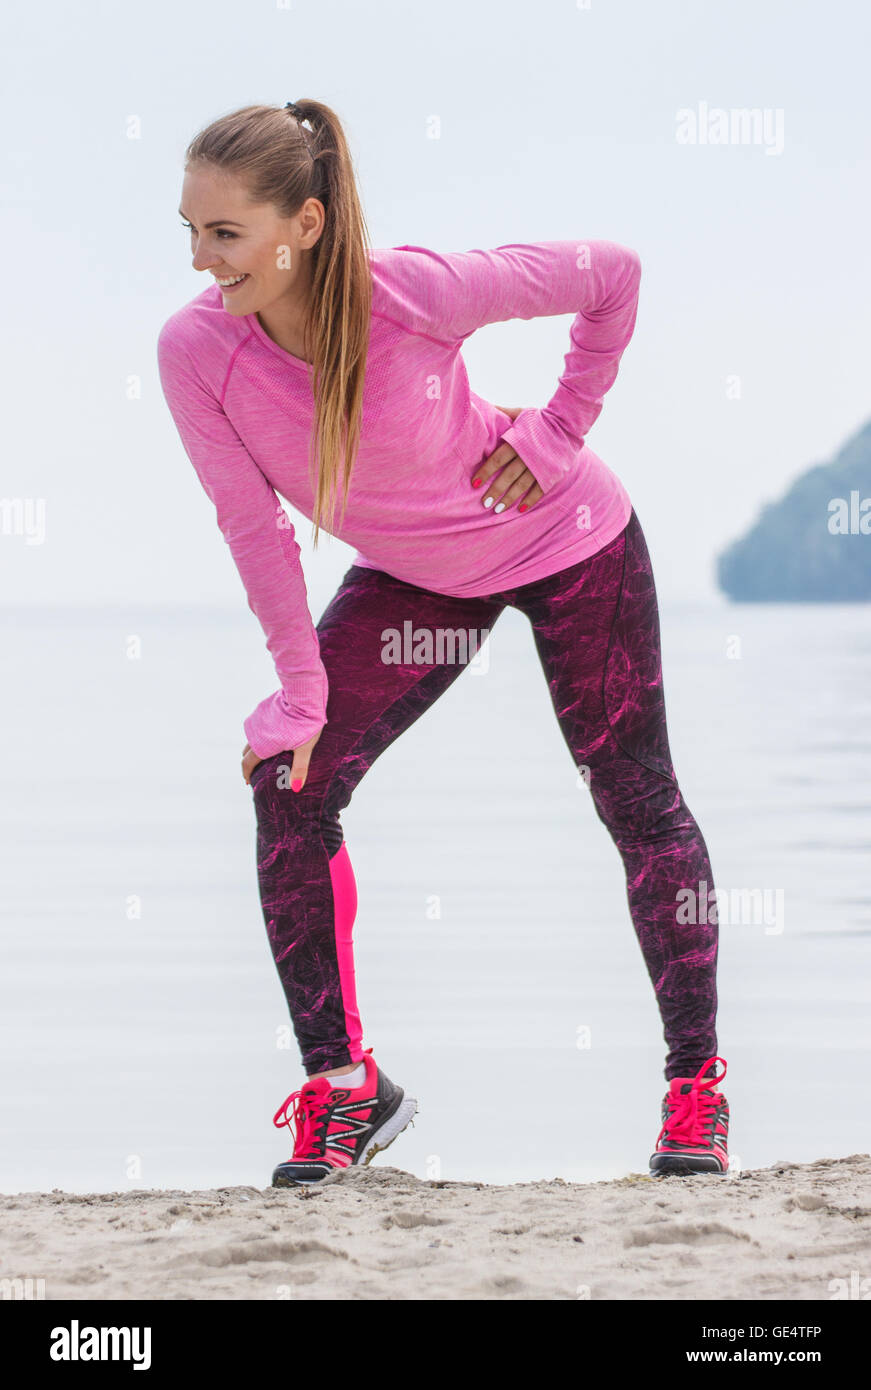 first rate 0eac1 b422d Slim ragazza sportiva di indossare abbigliamento sportivo e ...